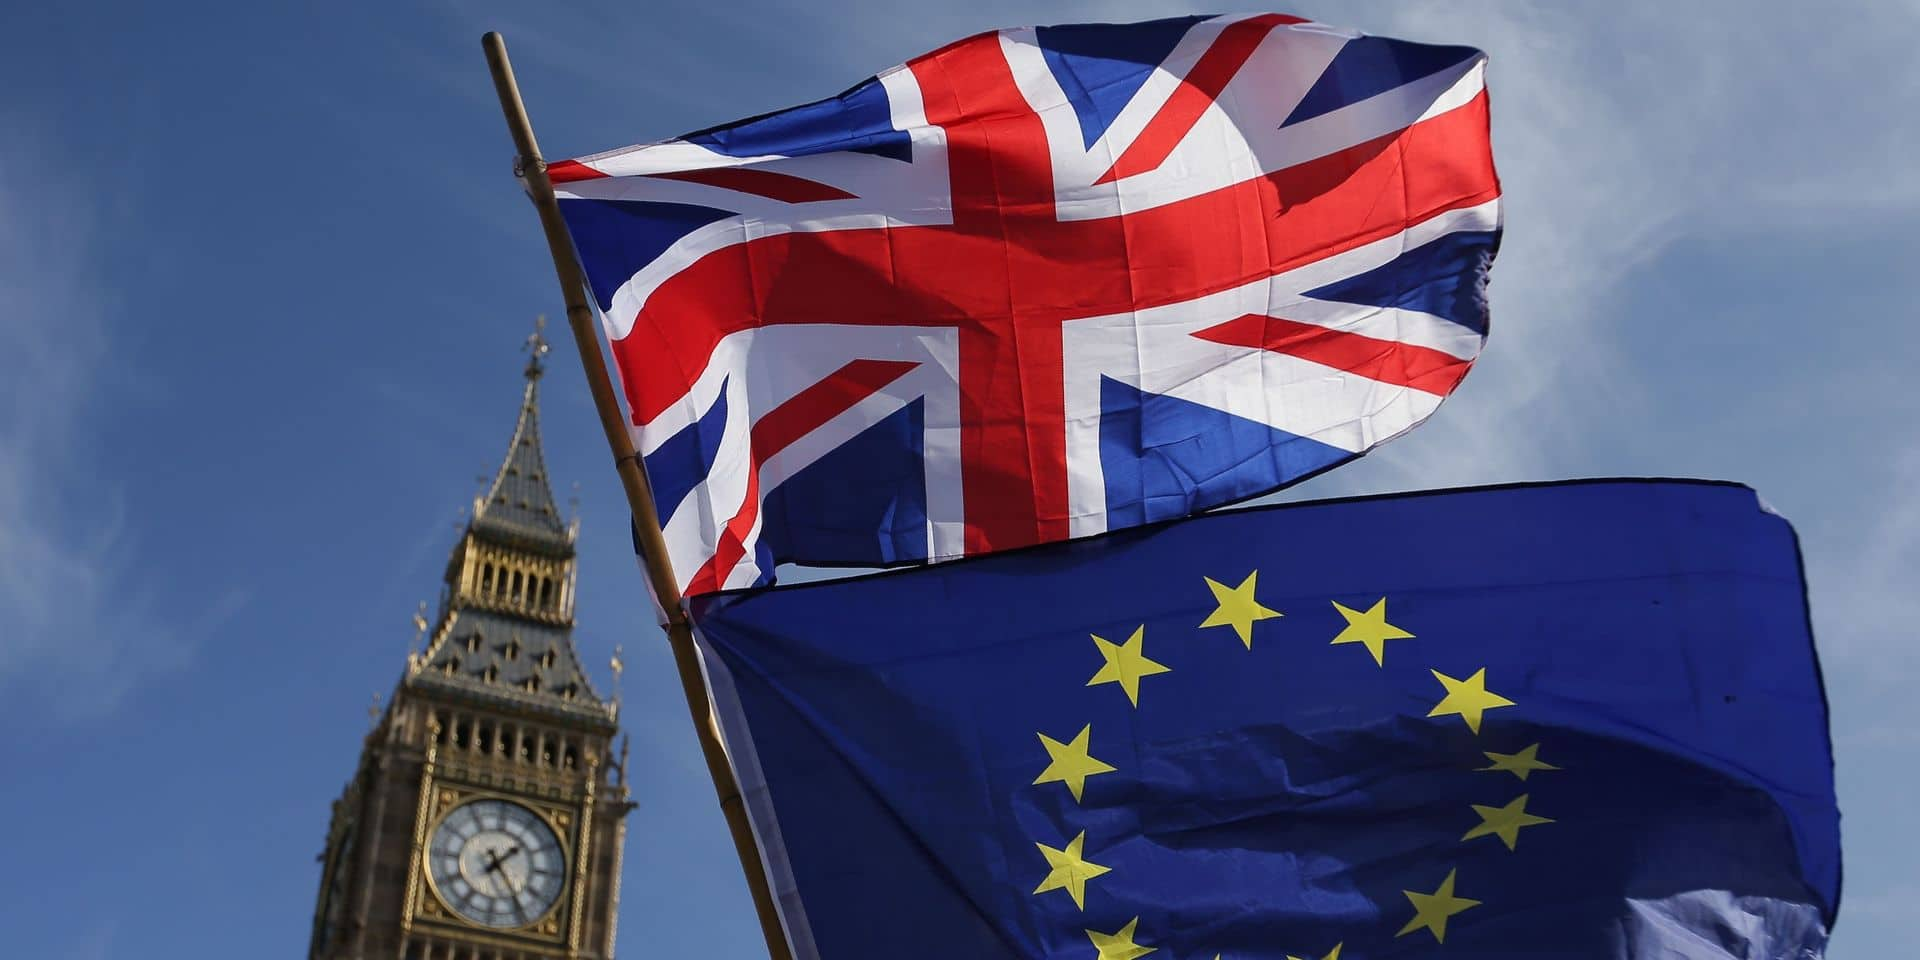 """Selon un rapport le Royaume-Uni ne se serait clairement pas assez préparé au Brexit: """"Des inquiétudes significatives demeurent"""""""